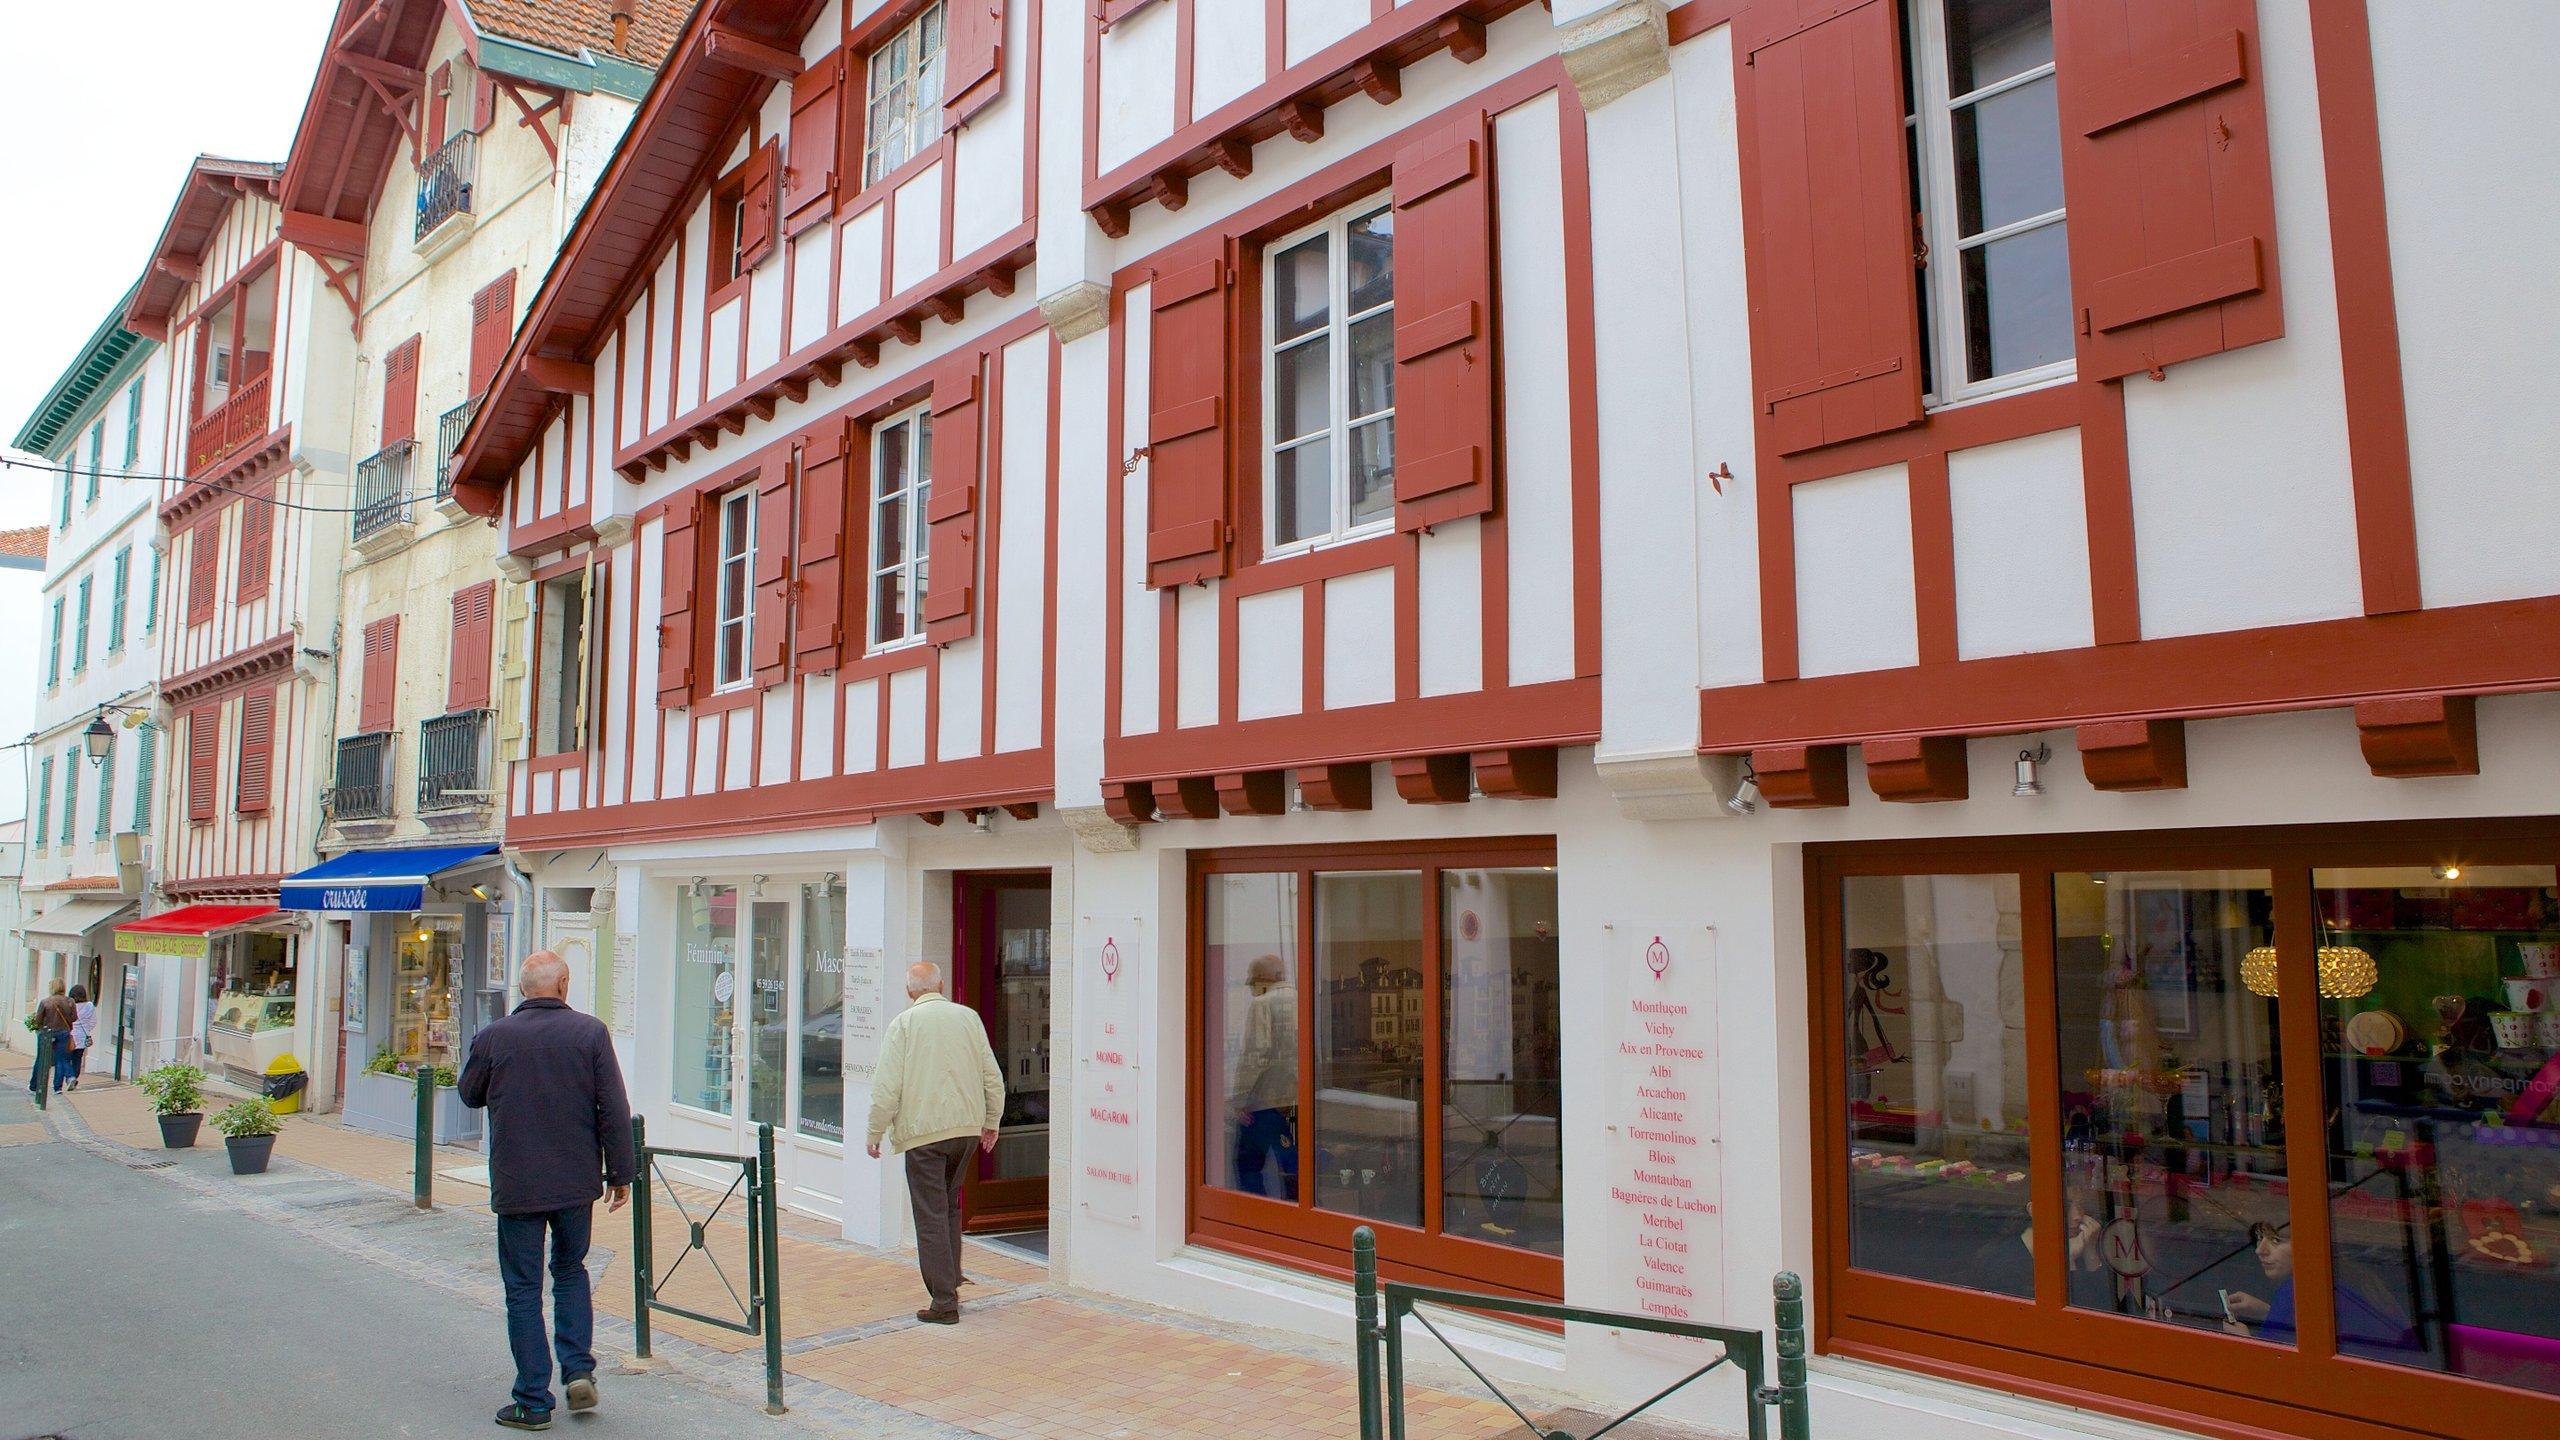 Saint-Jean-de-Luz City Center, Saint-Jean-de-Luz, Pyrenees-Atlantiques, France